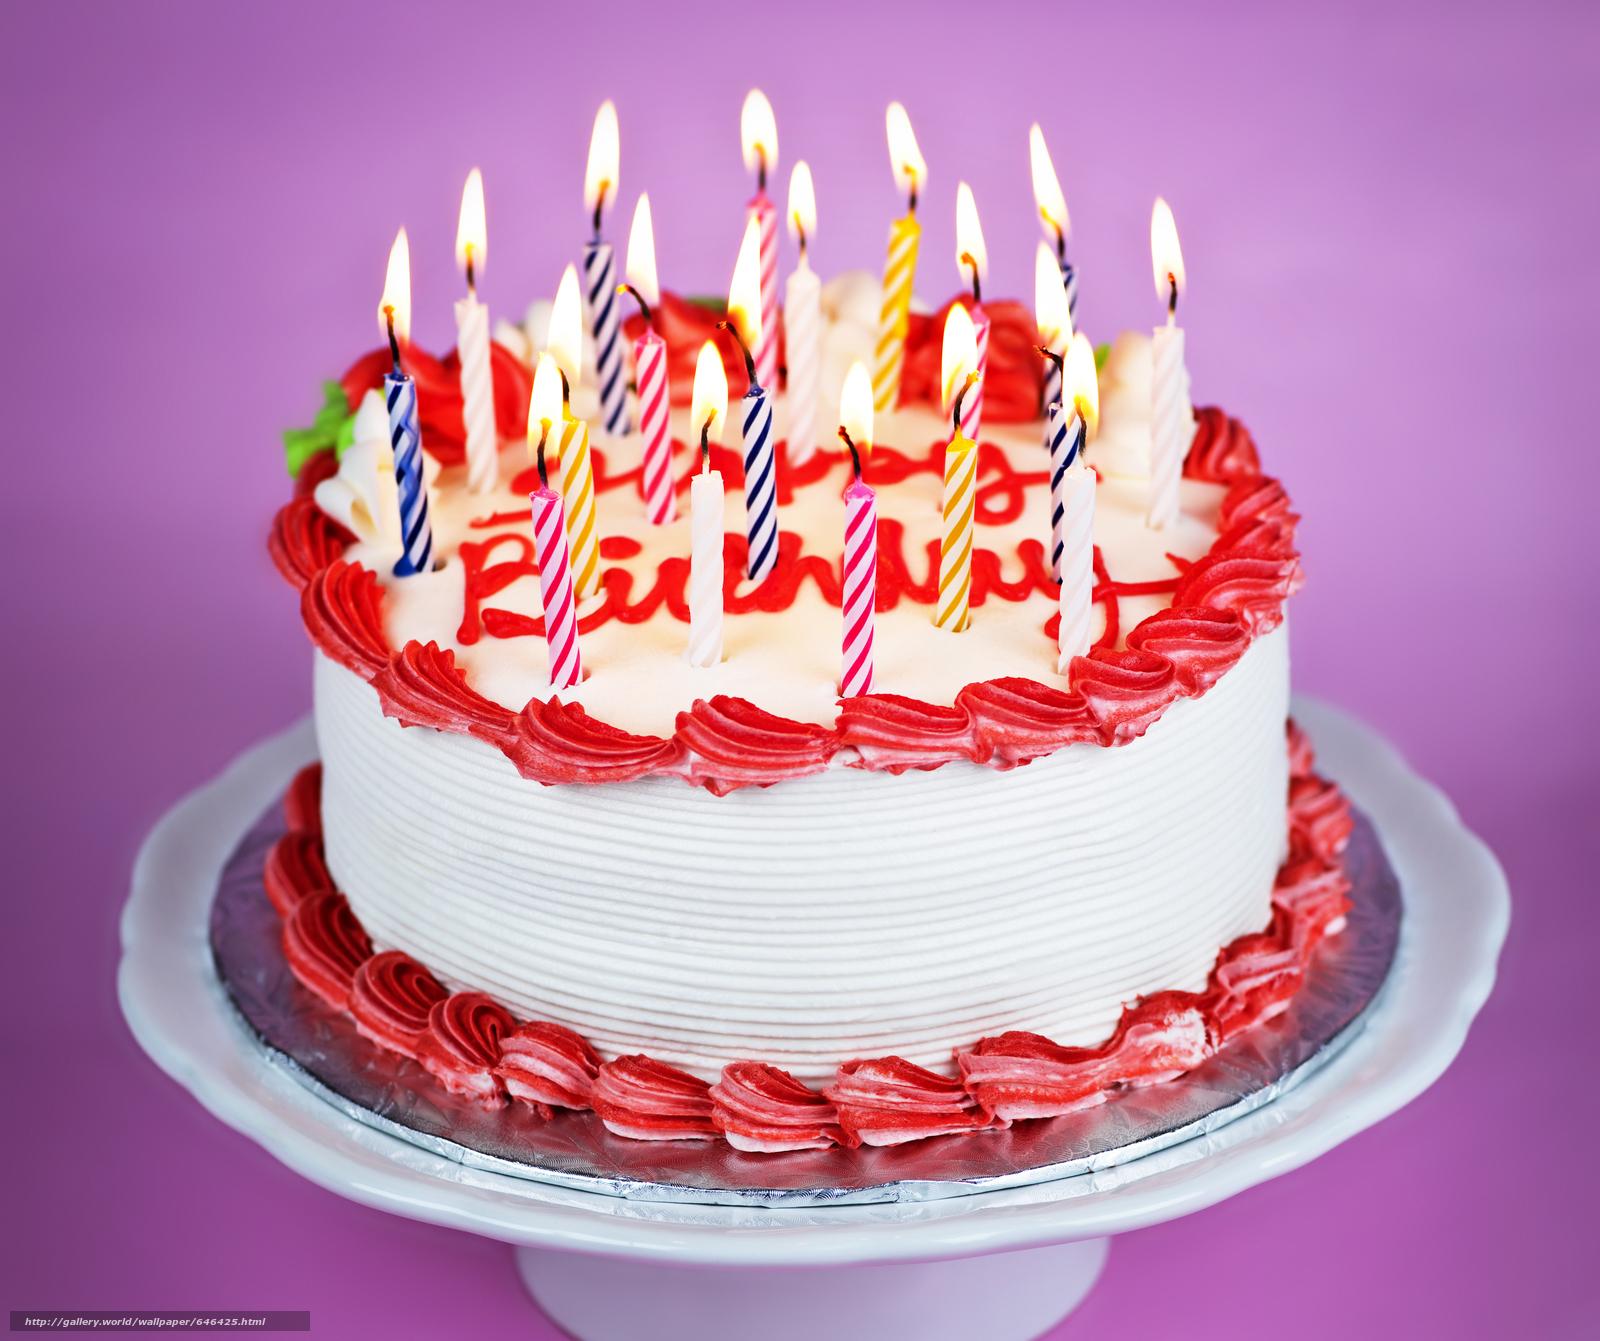 Descargar gratis pastel,  Velas,  comida Fondos de escritorio en la resolucin 4812x4032 — imagen №646425